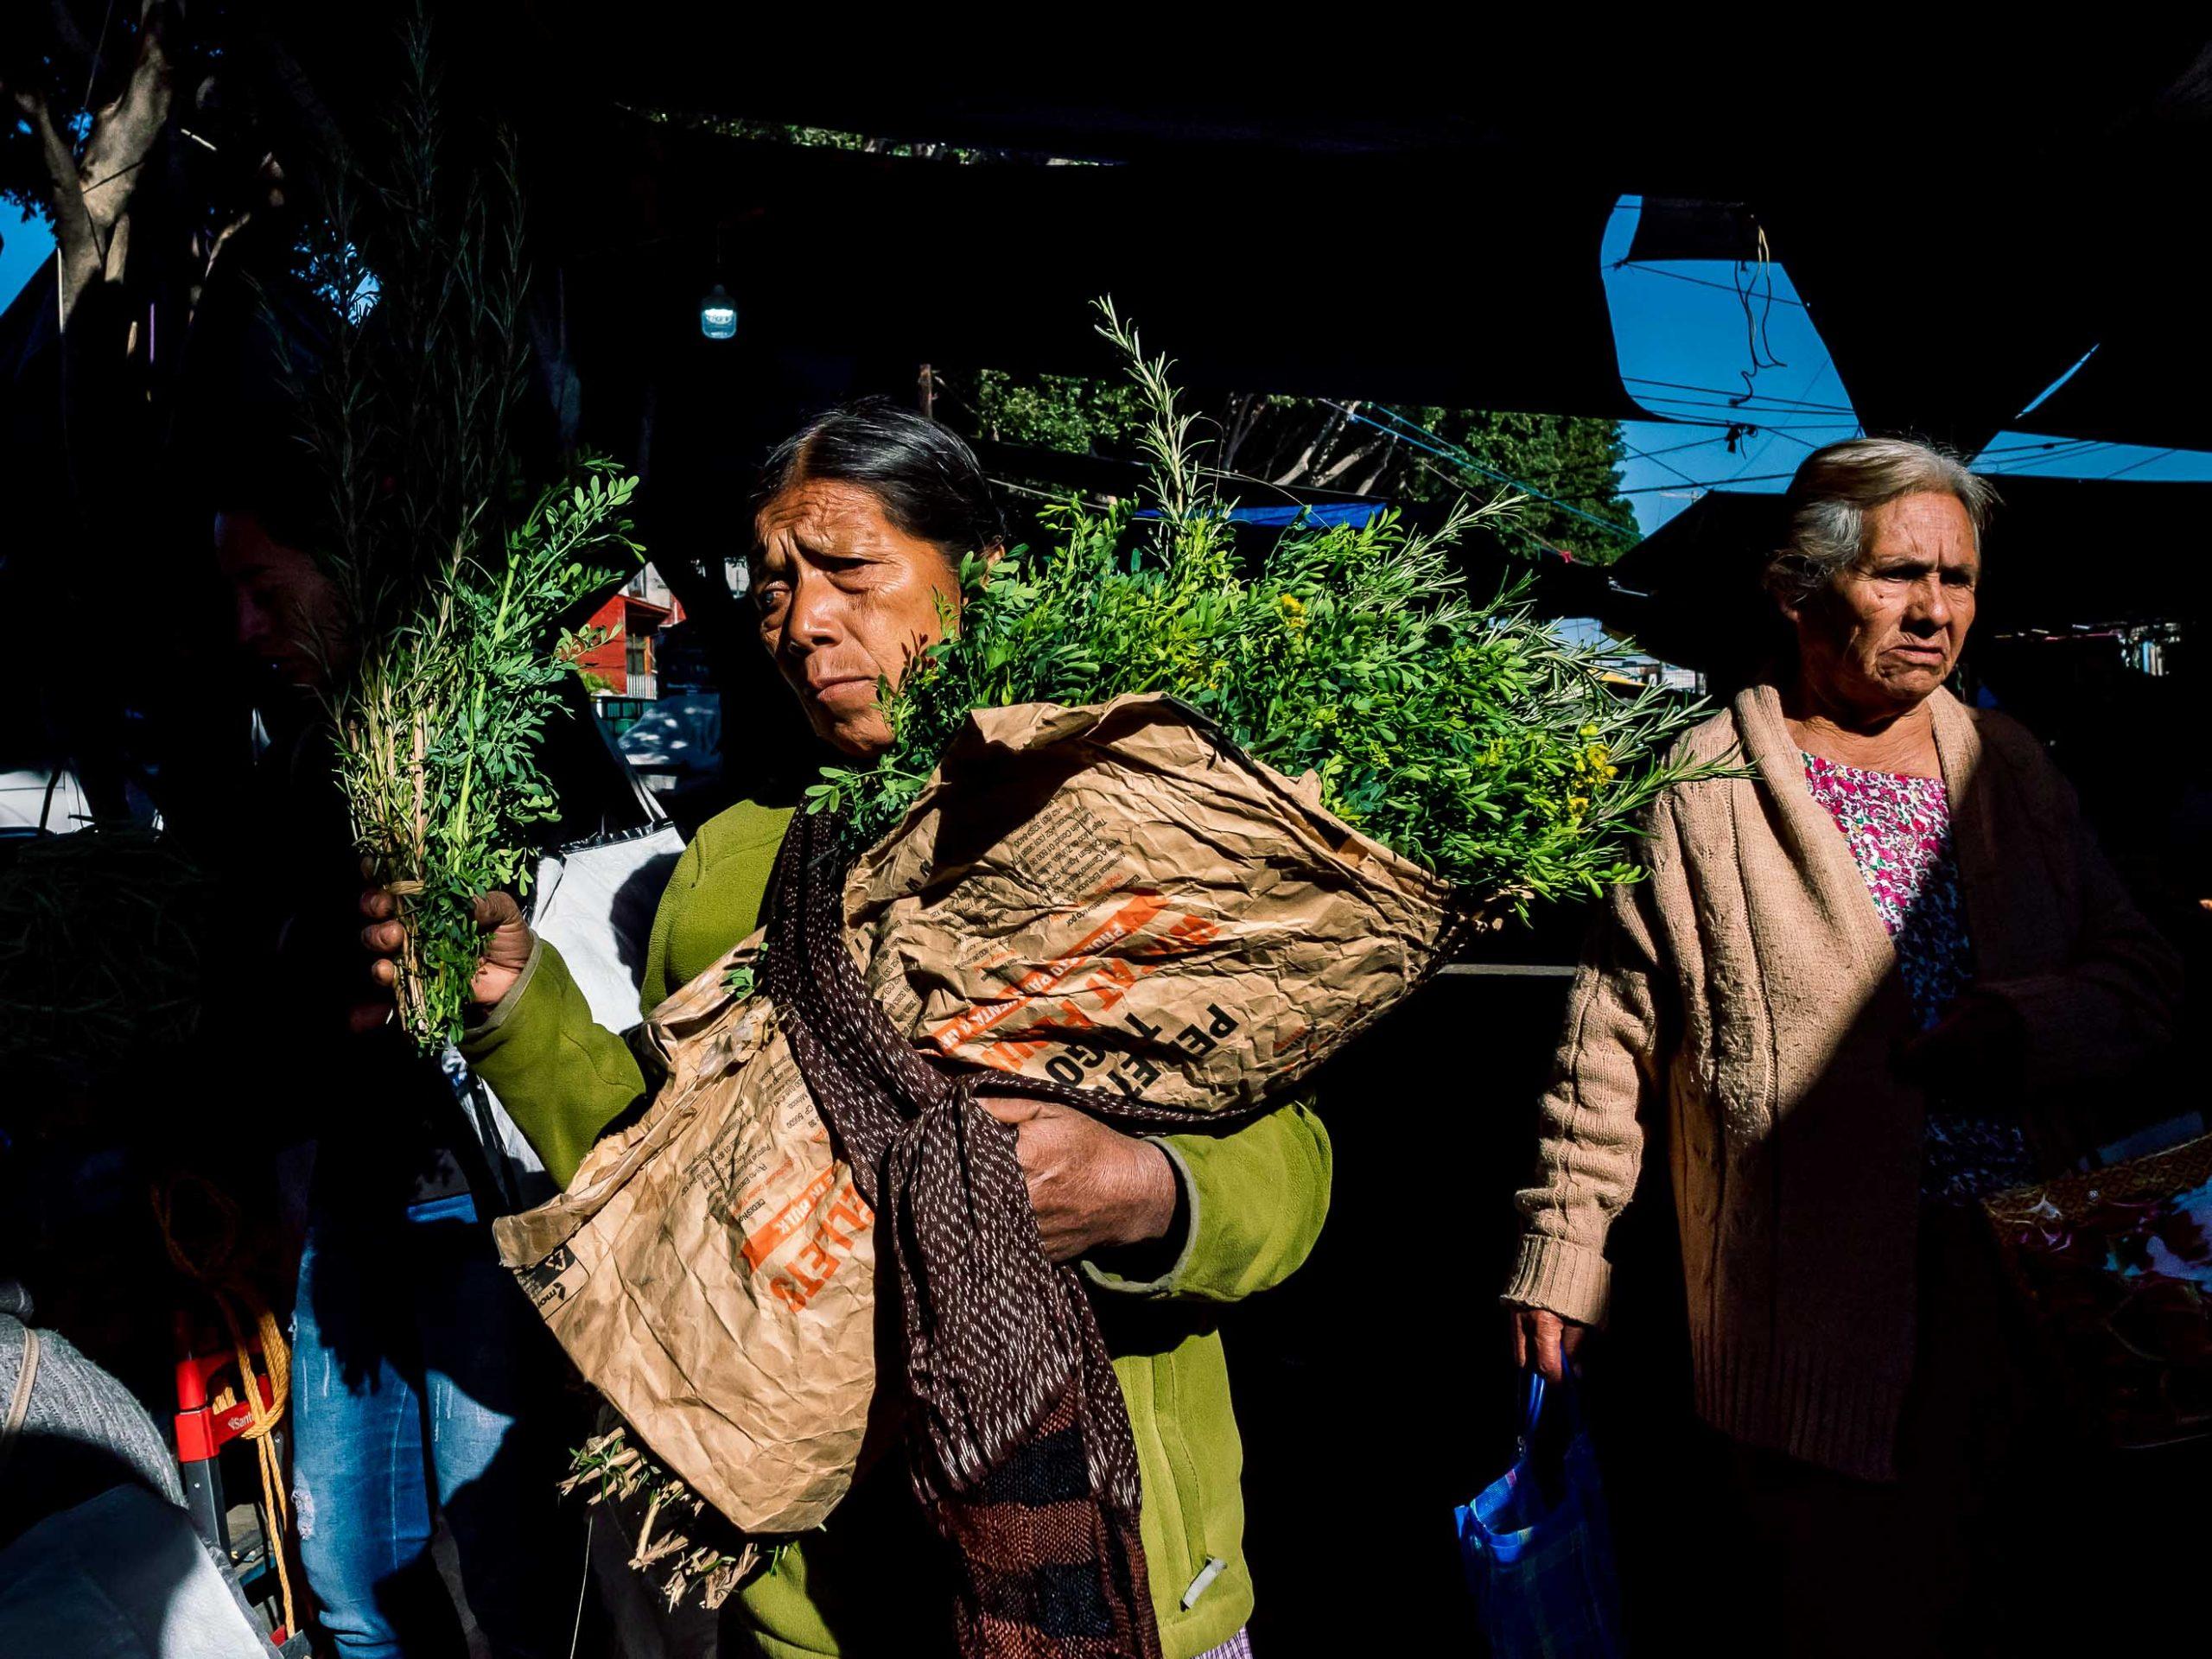 Frau mit Gemüse auf einem Markt in Mexiko